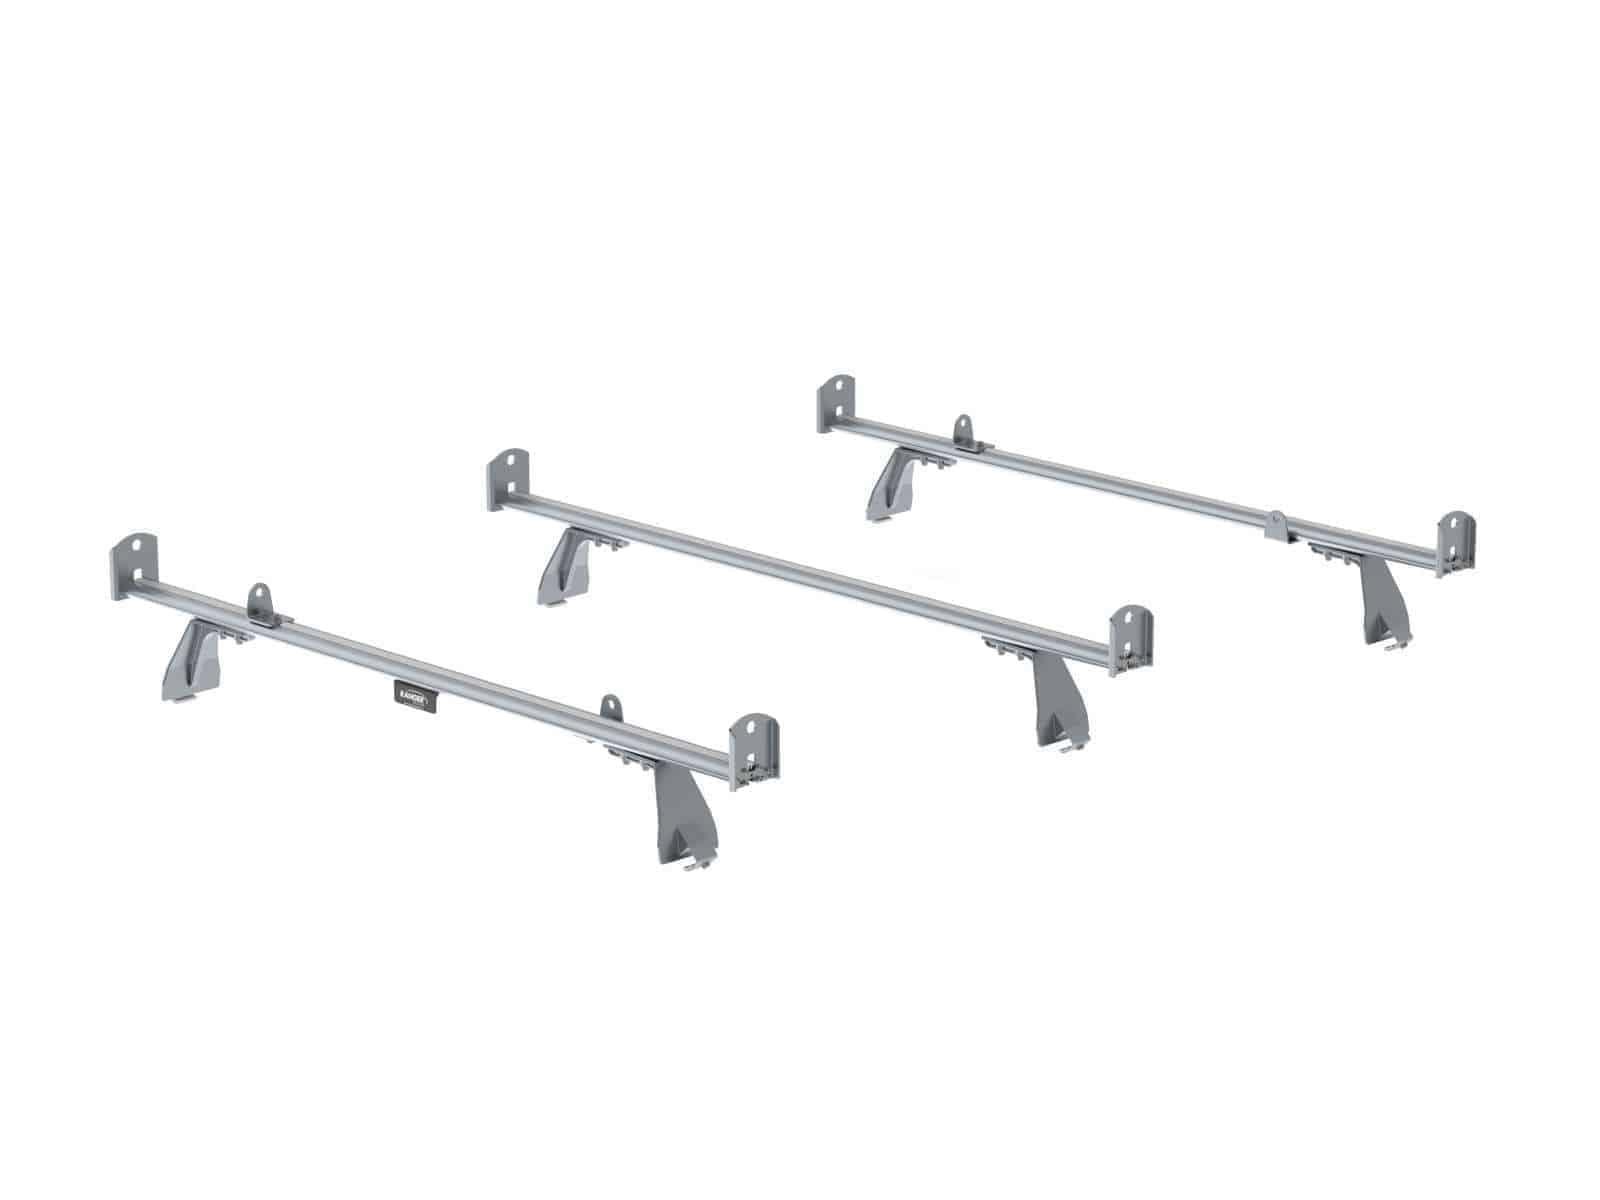 Cargo Rack For Vans Aluminum 3 Bar Ford E Series